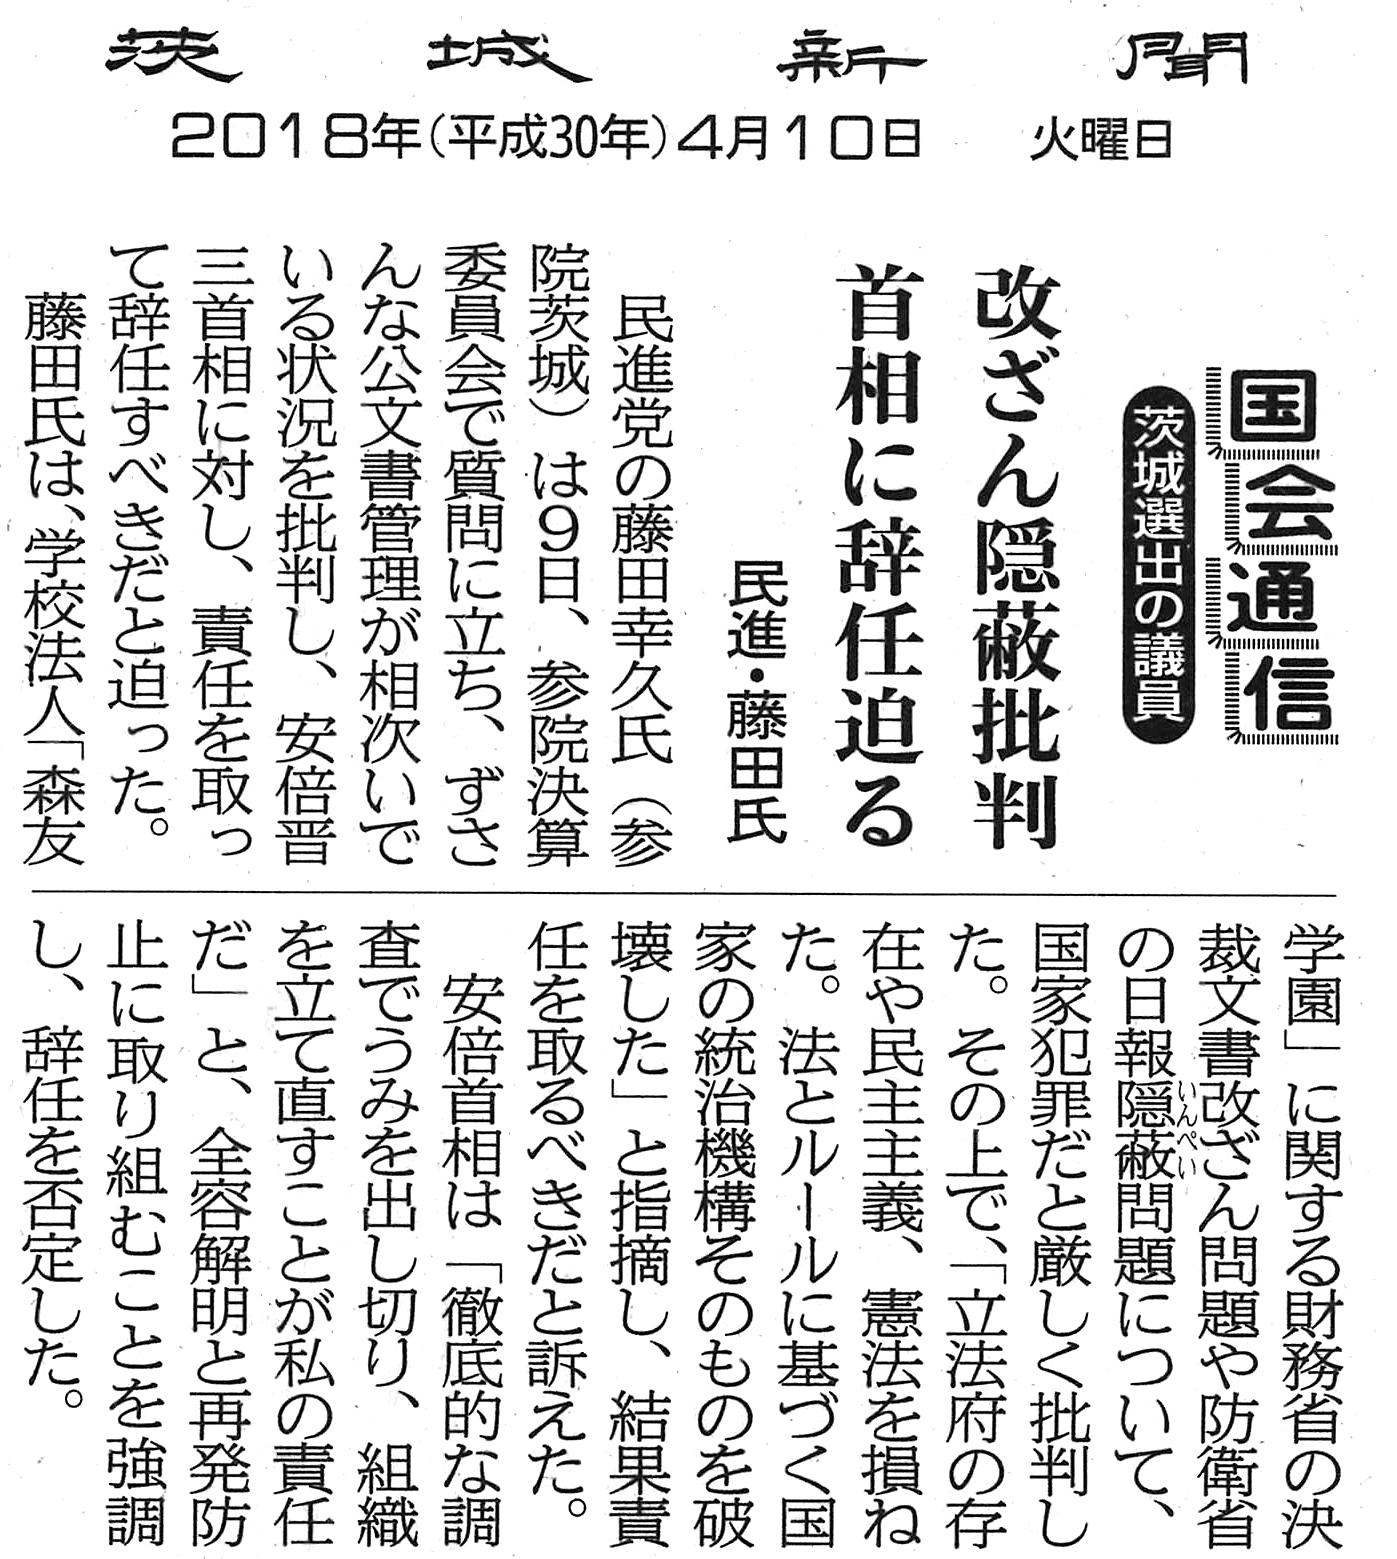 【茨城新聞】国会通信 改ざん隠蔽批判 首相に辞任迫る